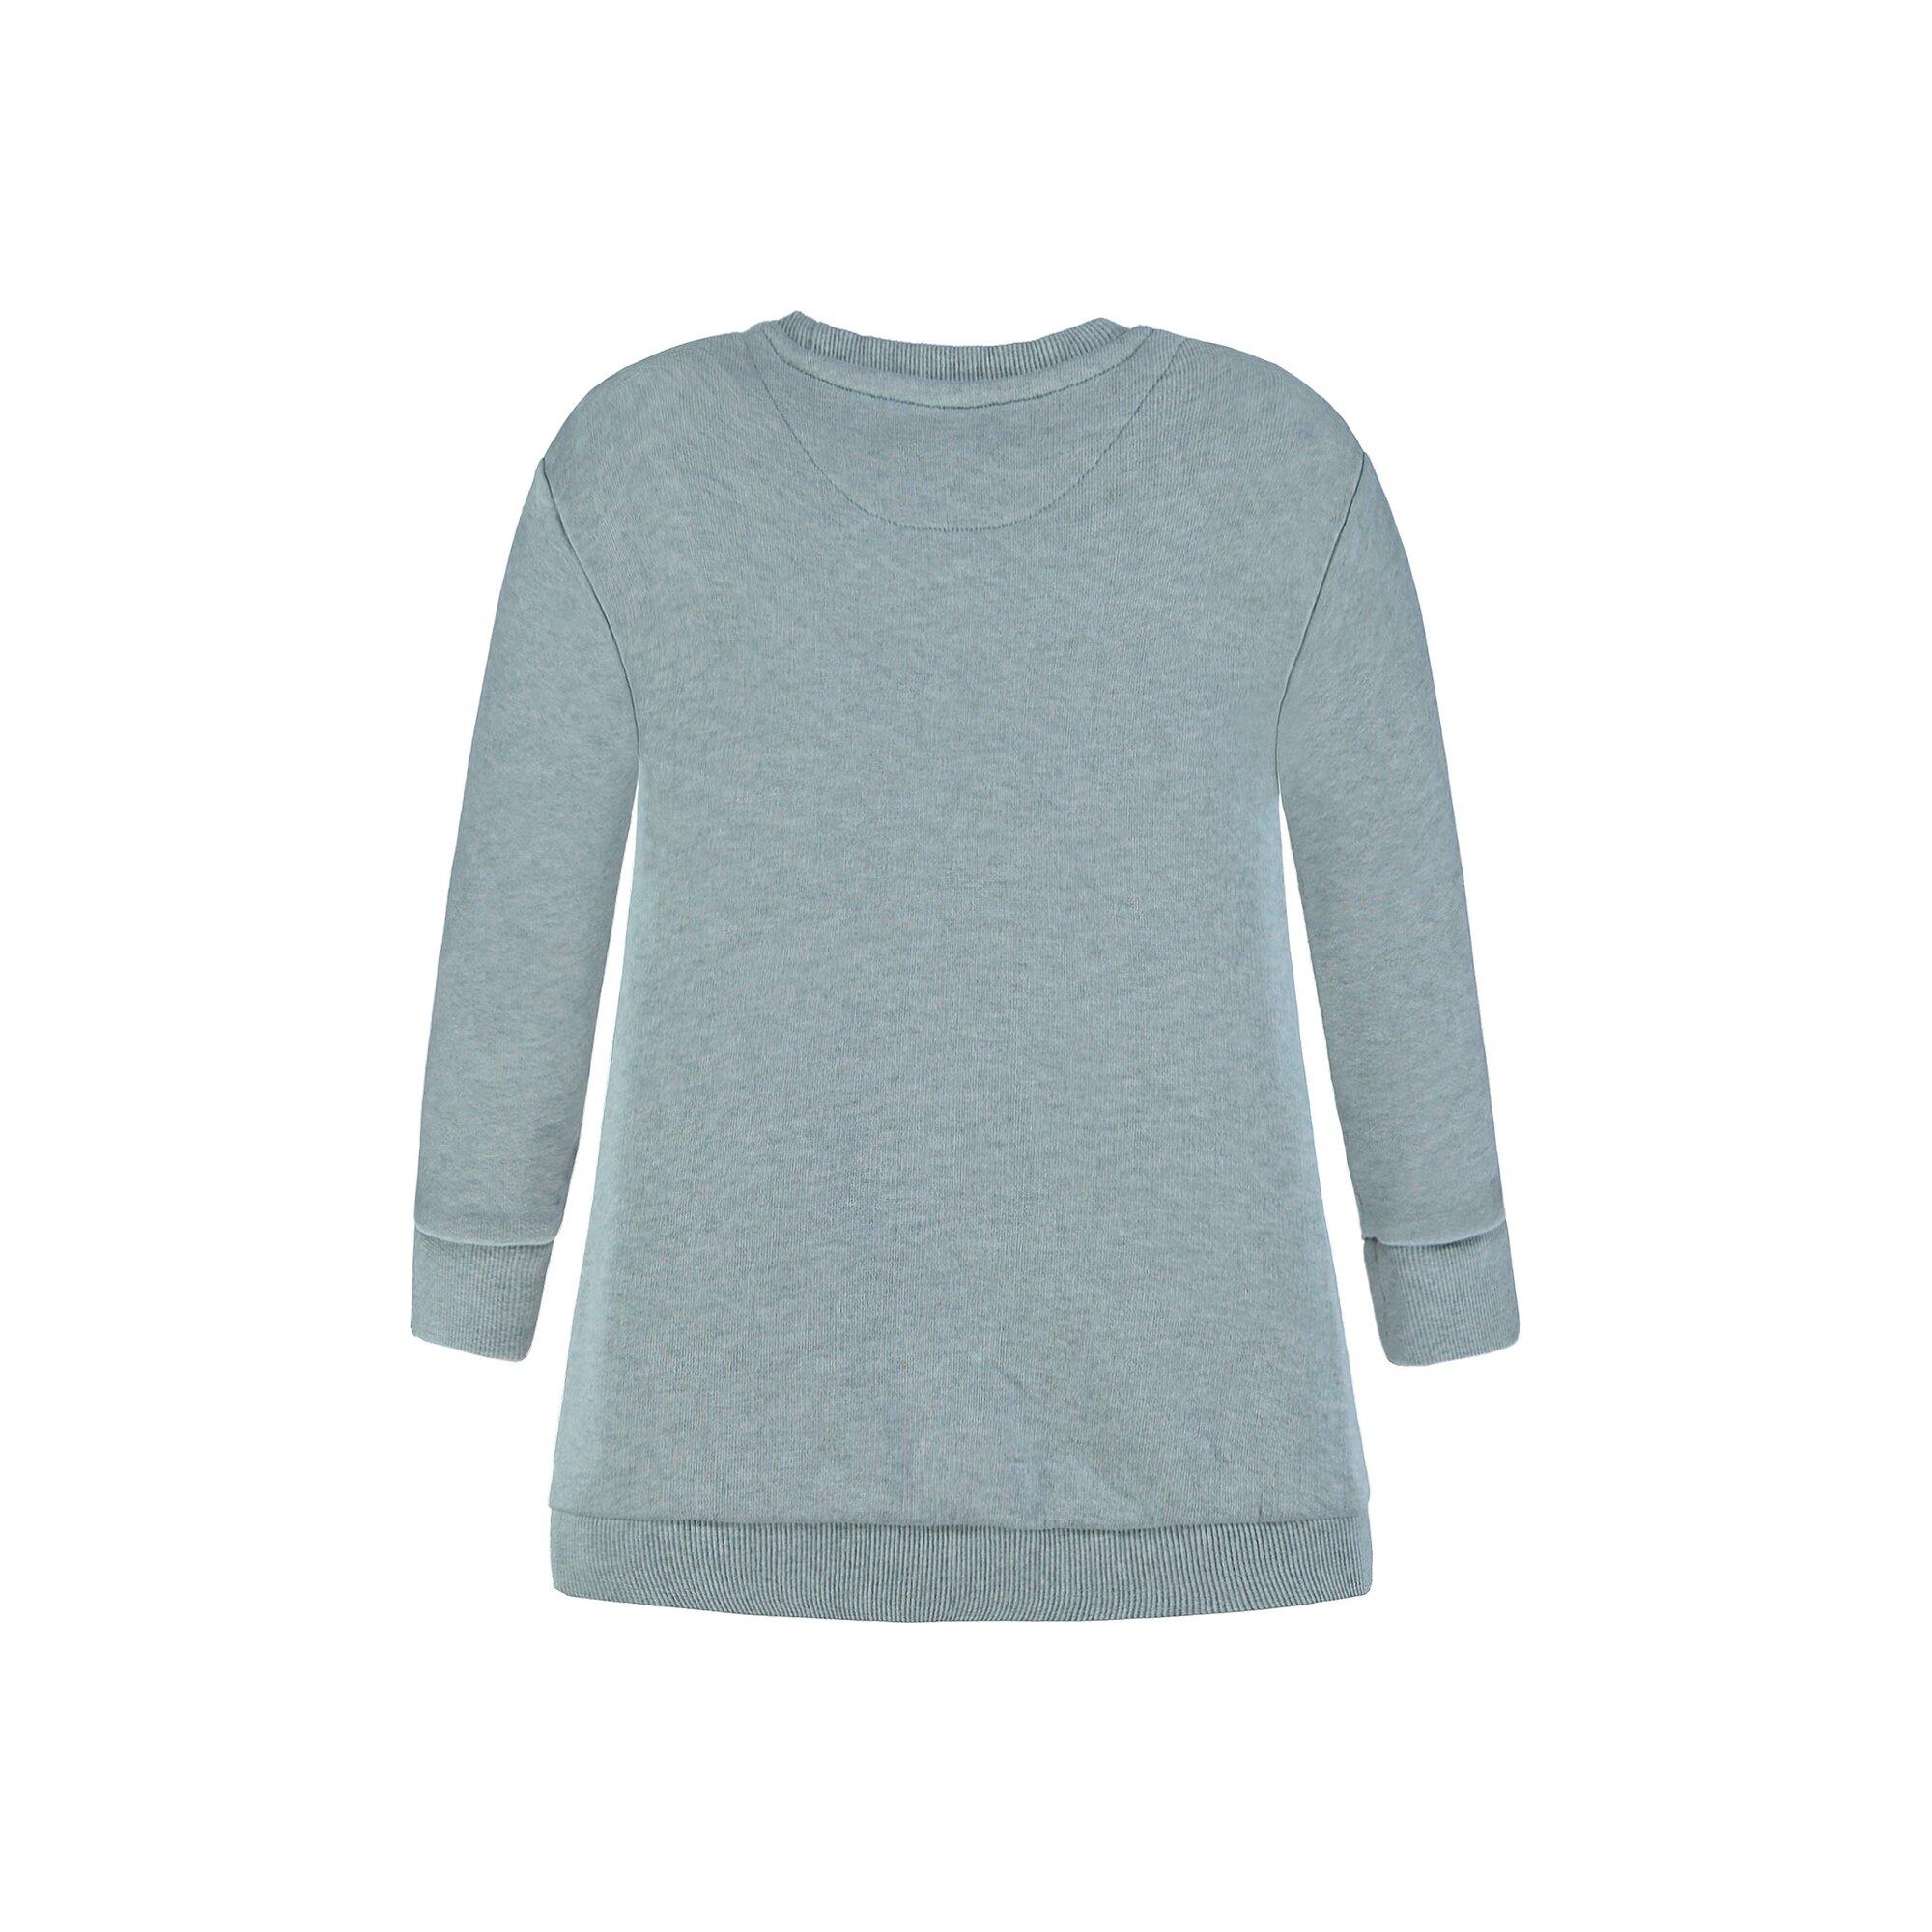 bellybutton-sweatshirt-mit-sternen-motiv-vorn-girls